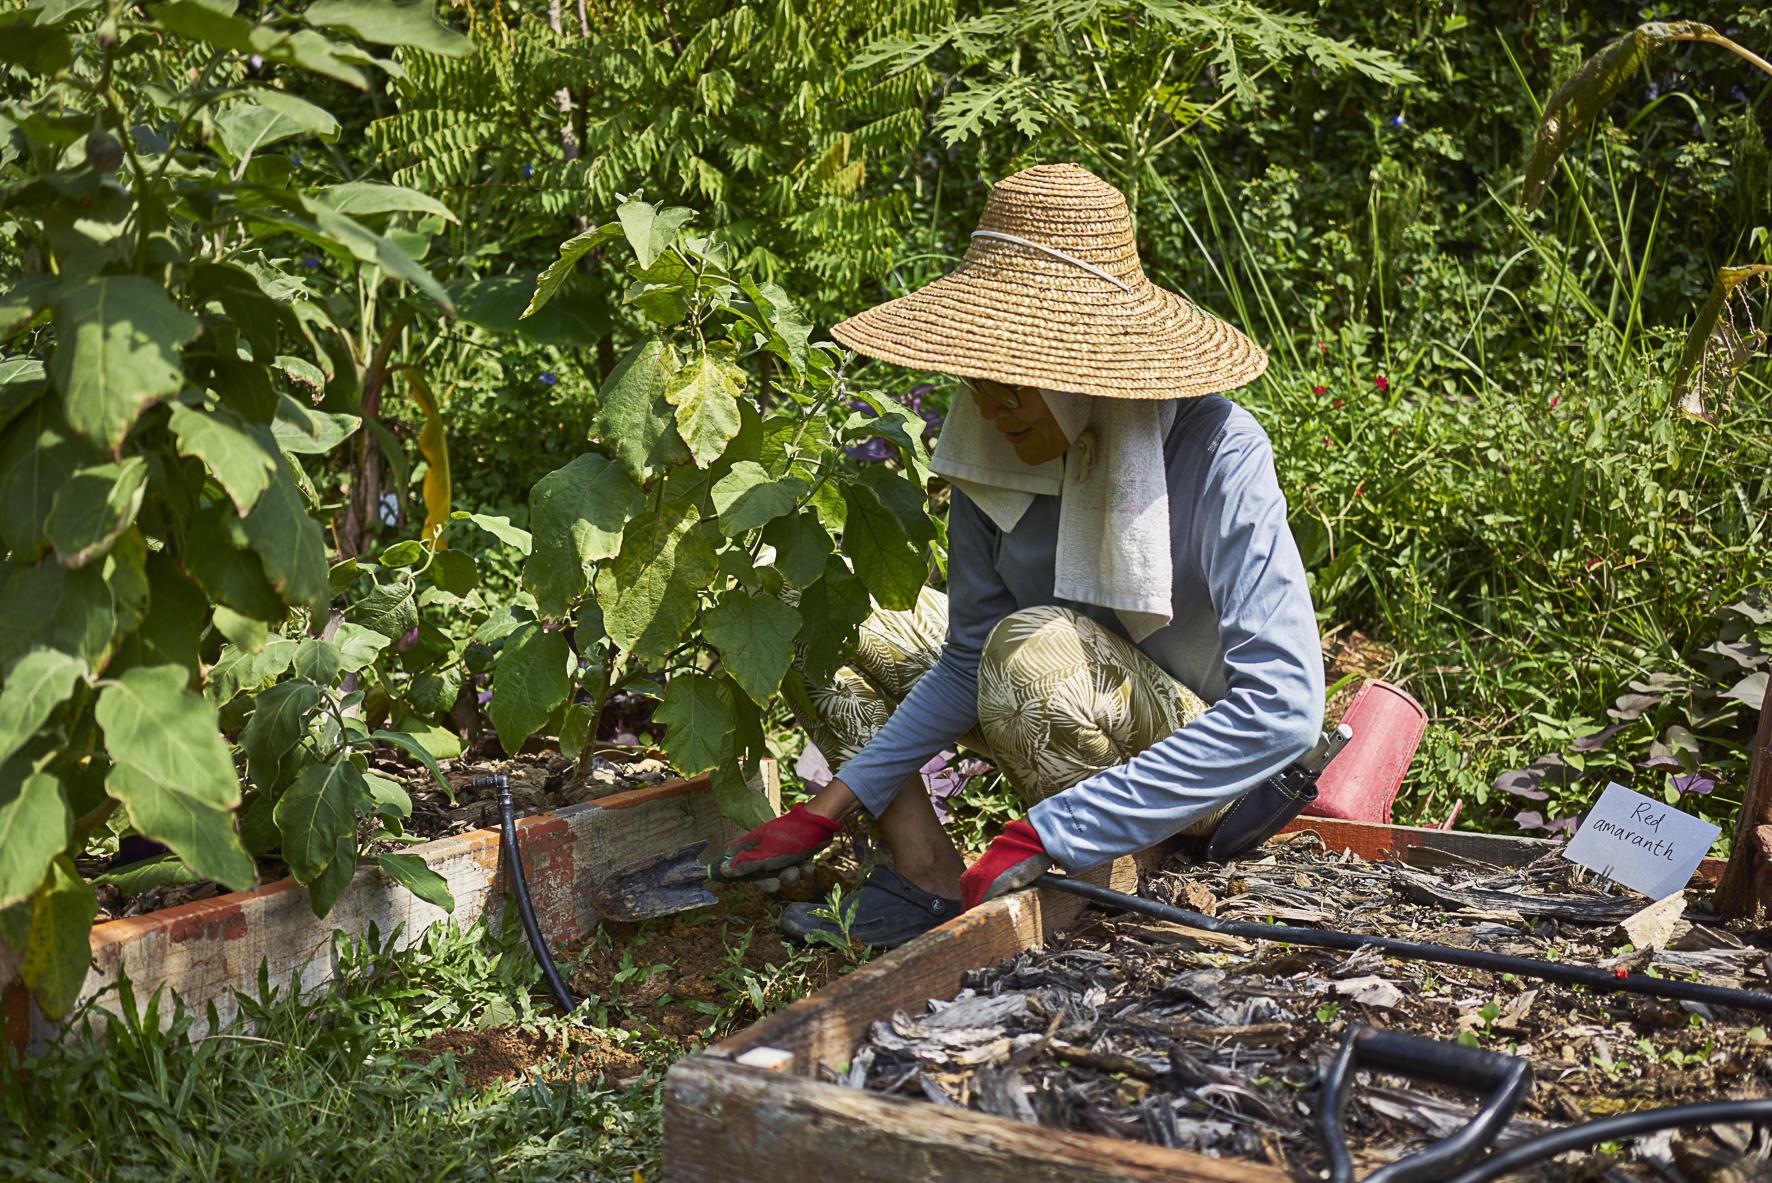 레스토랑 농장에서 채소를 재배하는 모습